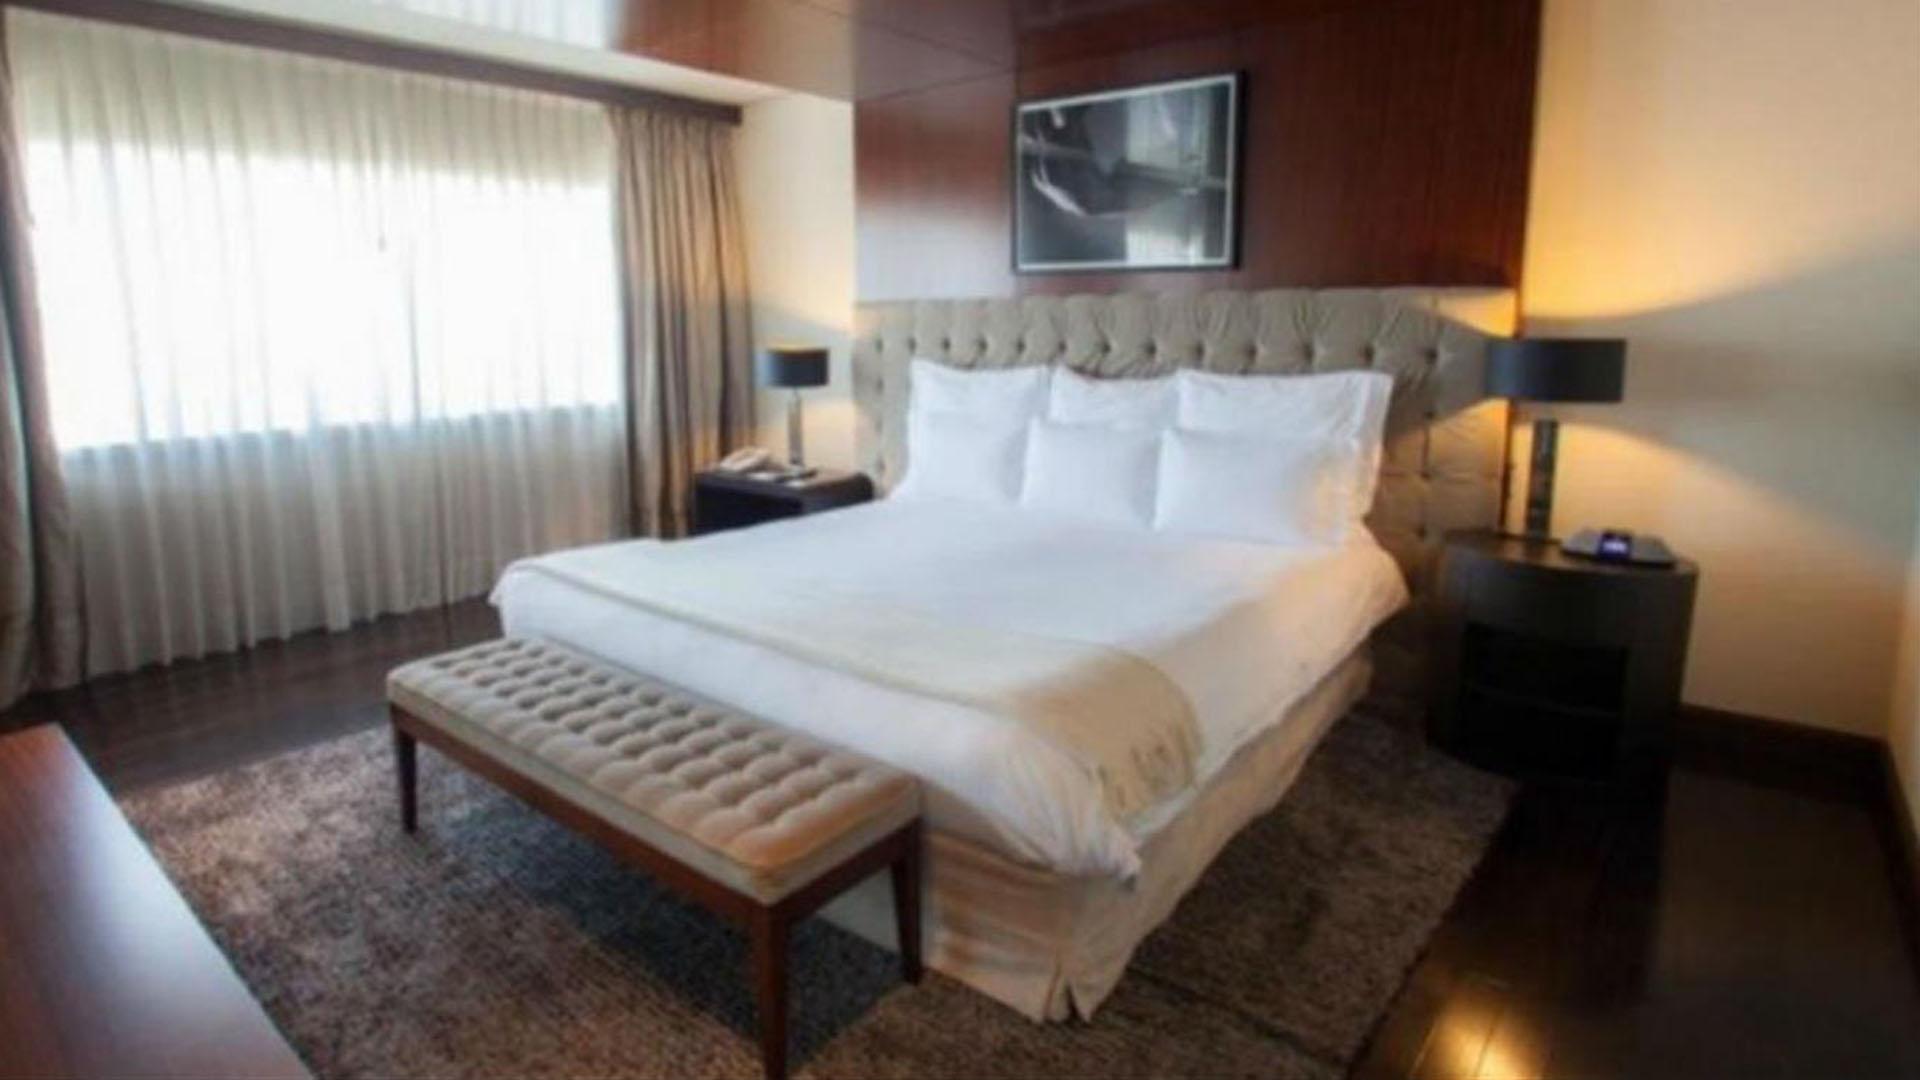 La pareja ocupó la suite presidencial del Hotel City Center de Rosario